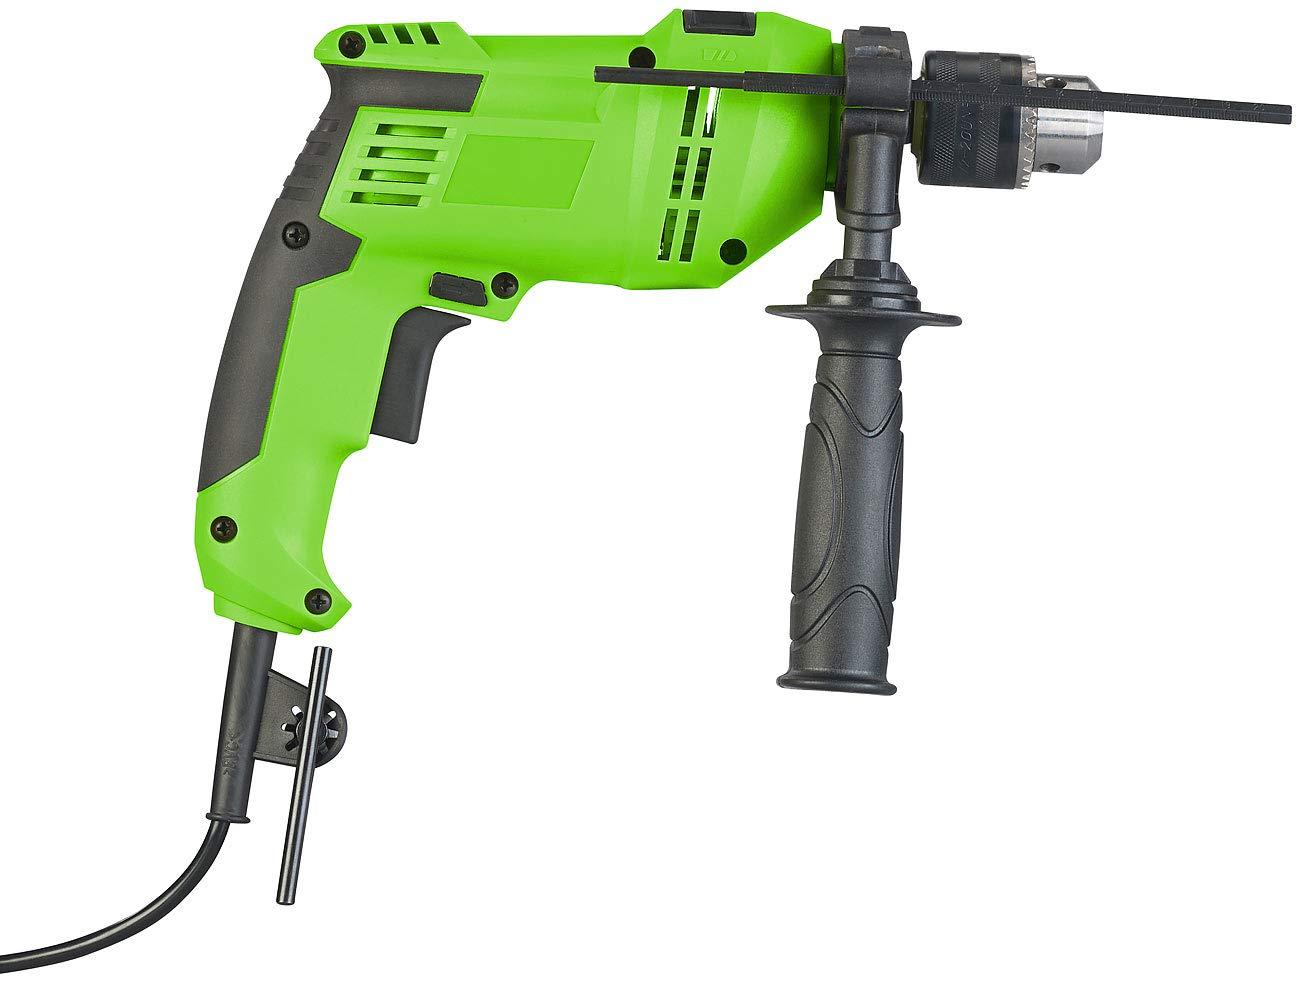 AGT Professional Bohrhammer: Schlagbohrmaschine mit 3-teiligem Zubehör in Transportkoffer, 550 Watt (Handbohrmaschine)